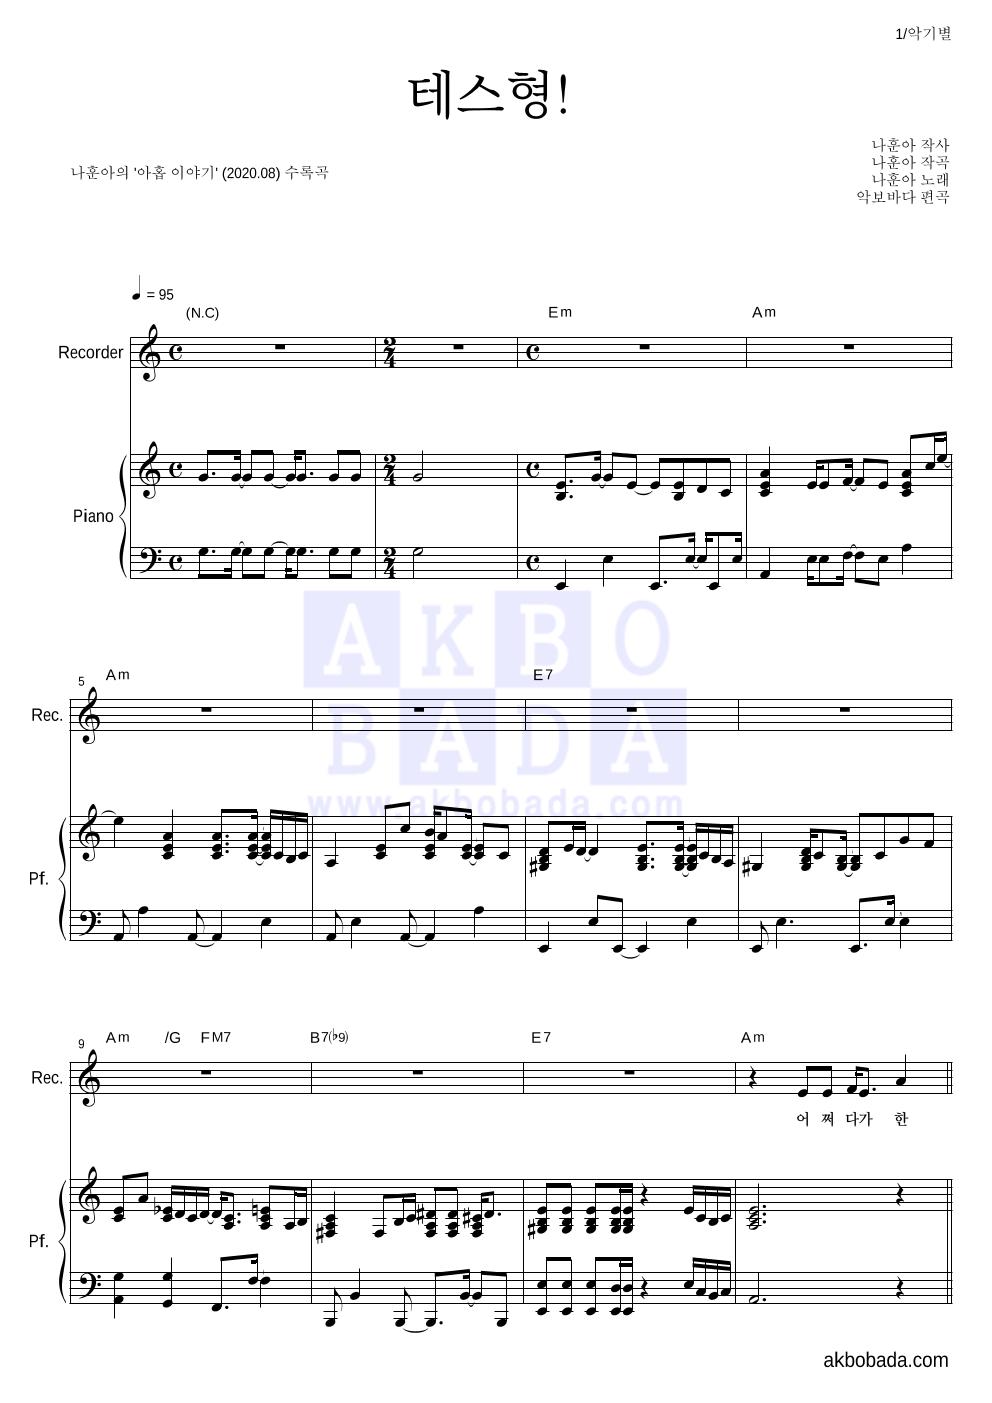 나훈아 - 테스형! 리코더&피아노 악보